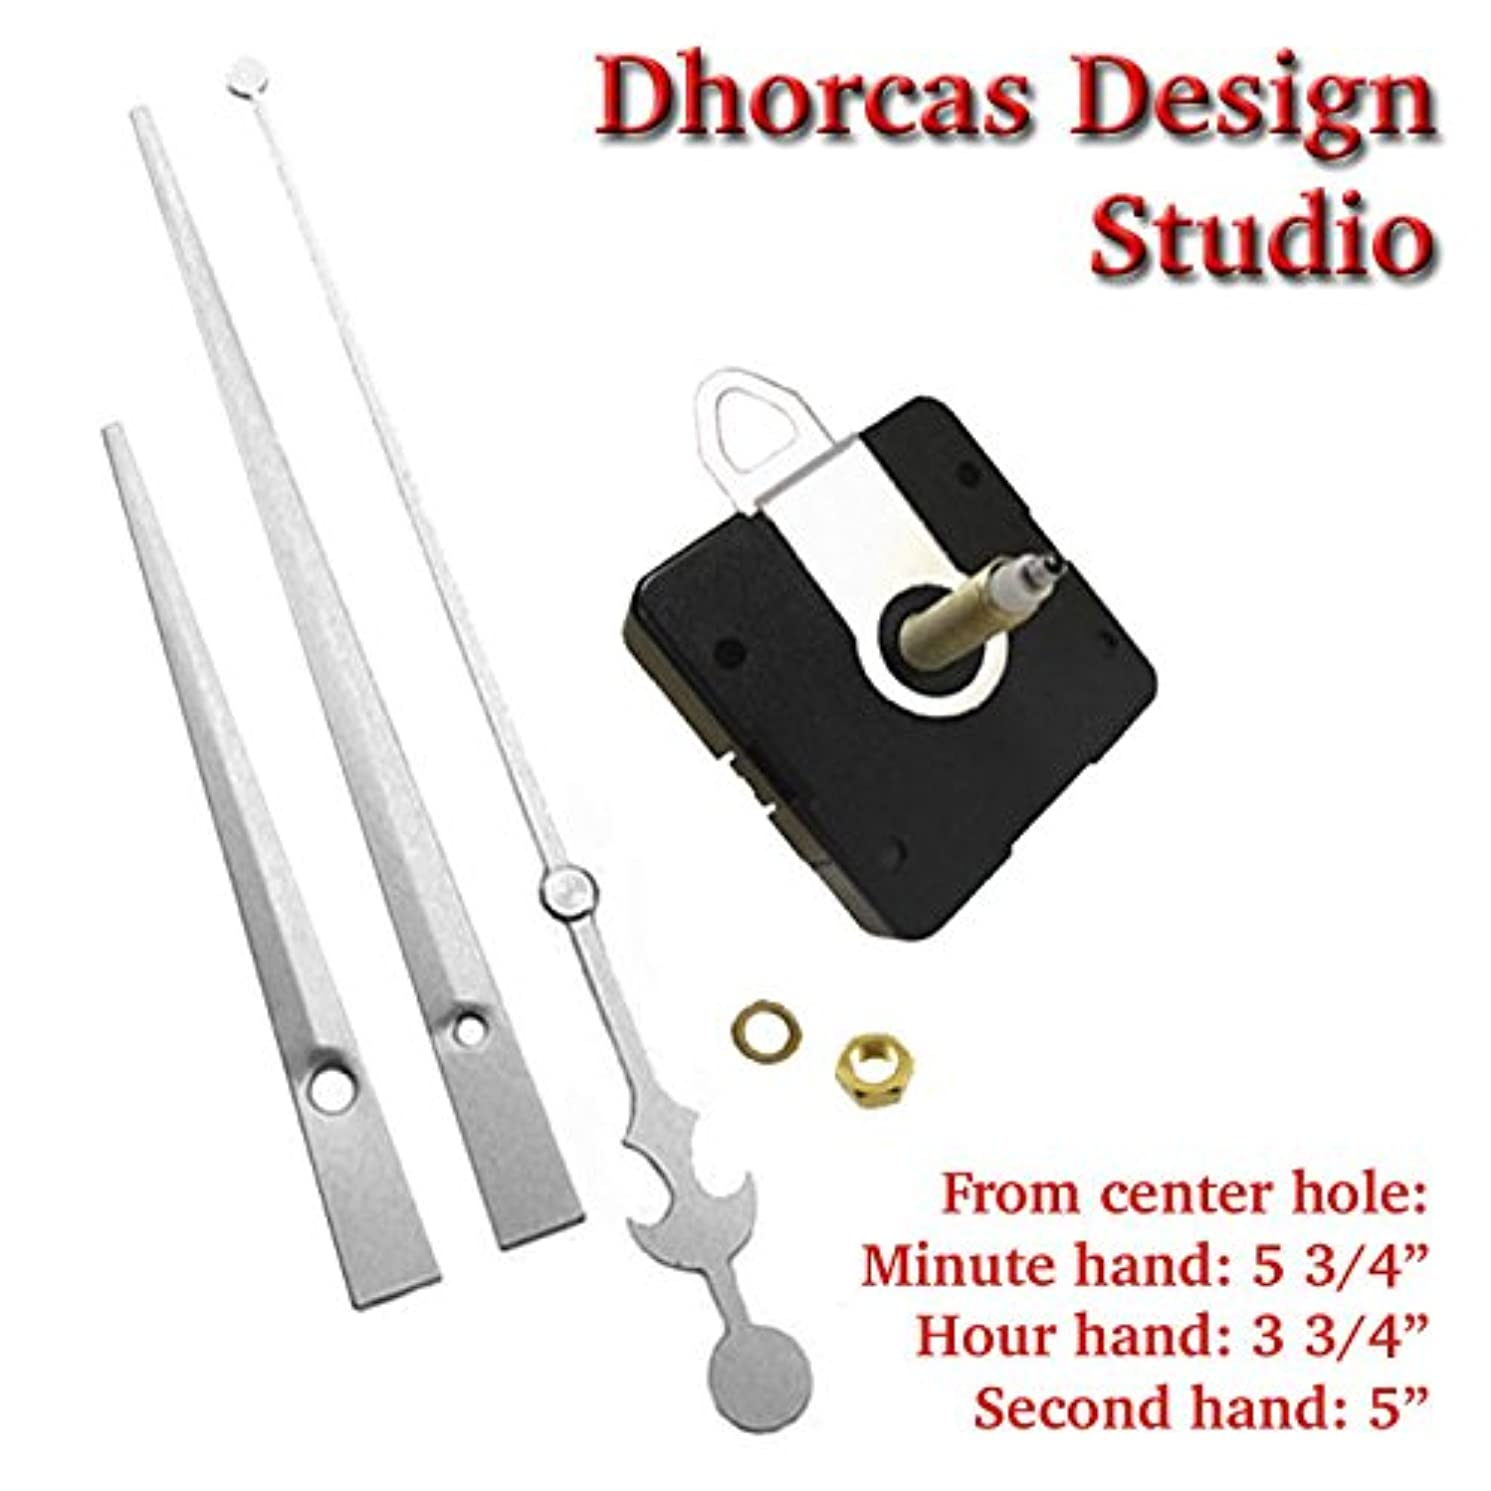 Dhorcas (#03S) Quartz Clock Movement Kit for Replacement, 3/4